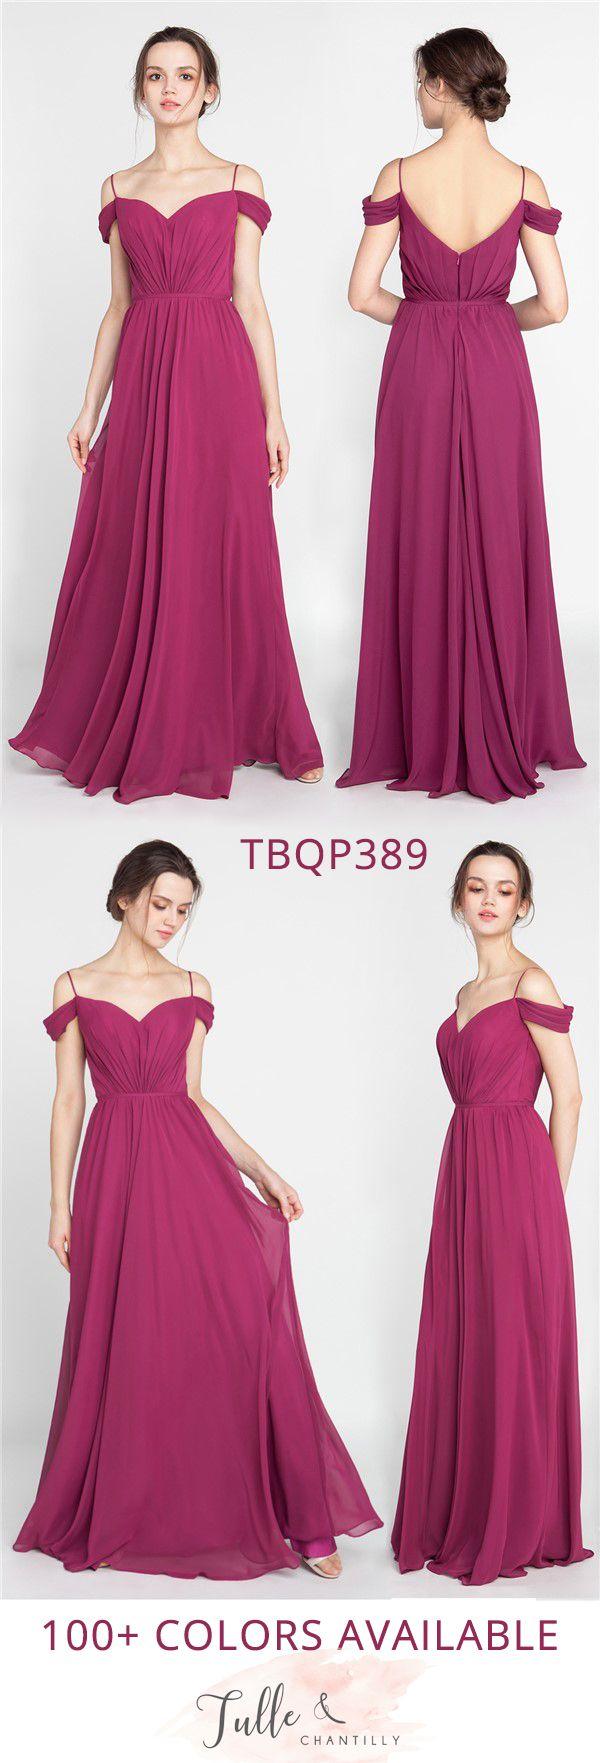 Mejores 21 imágenes de vestidos de fiesta en Pinterest | Damas de ...